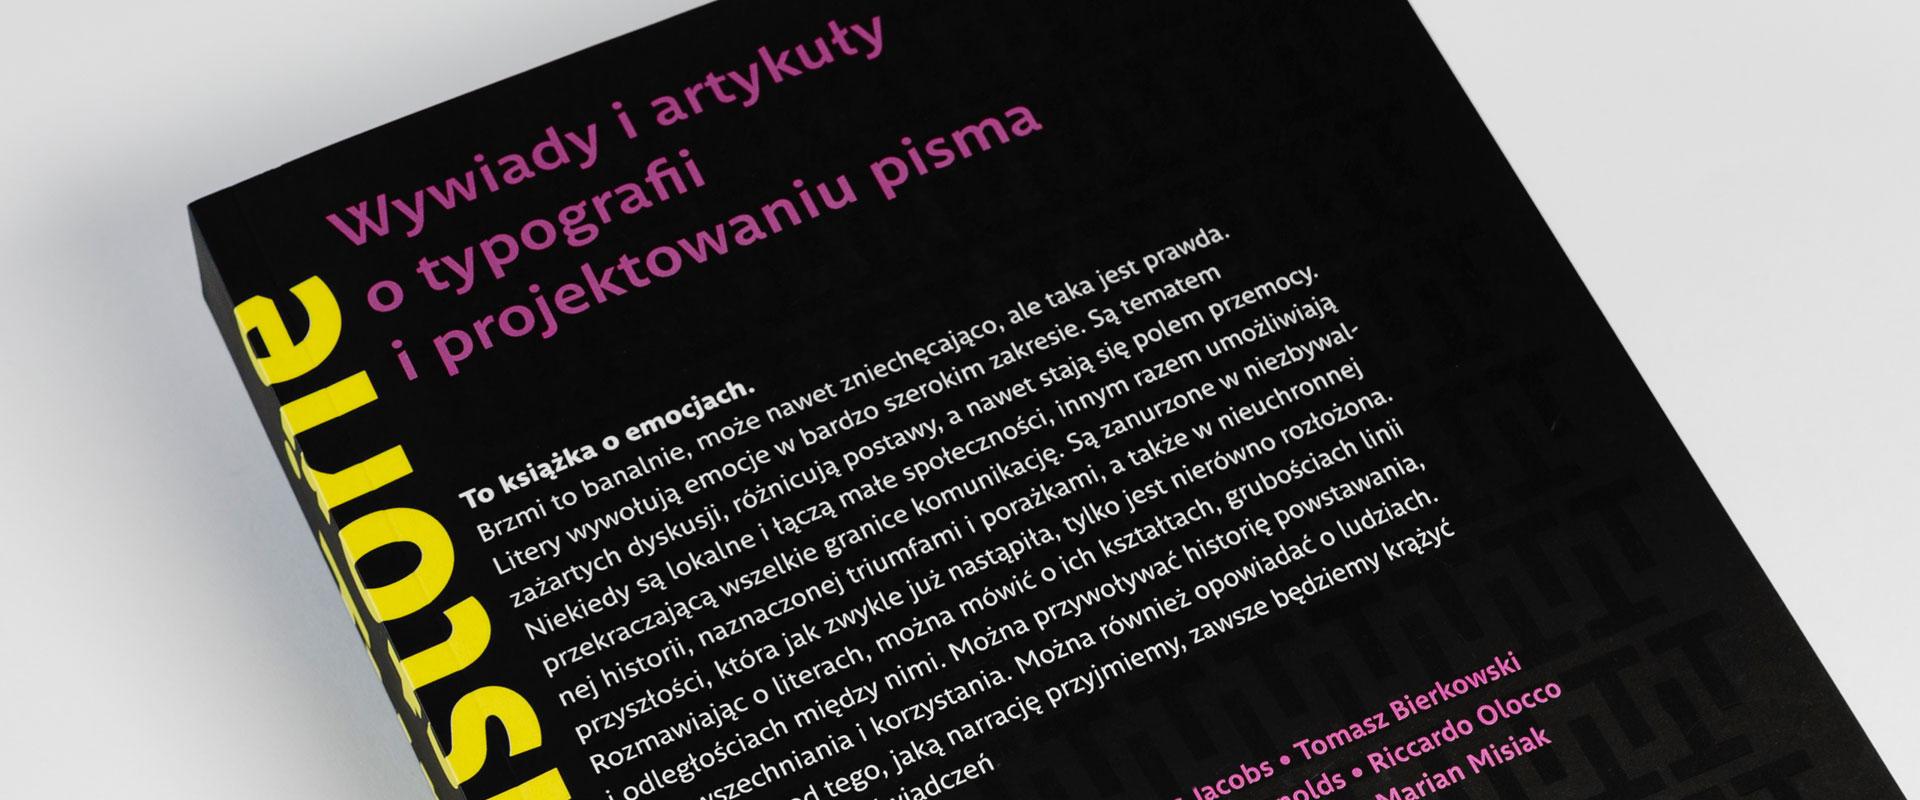 Okładka listy artykułów autora Beata Bartecka